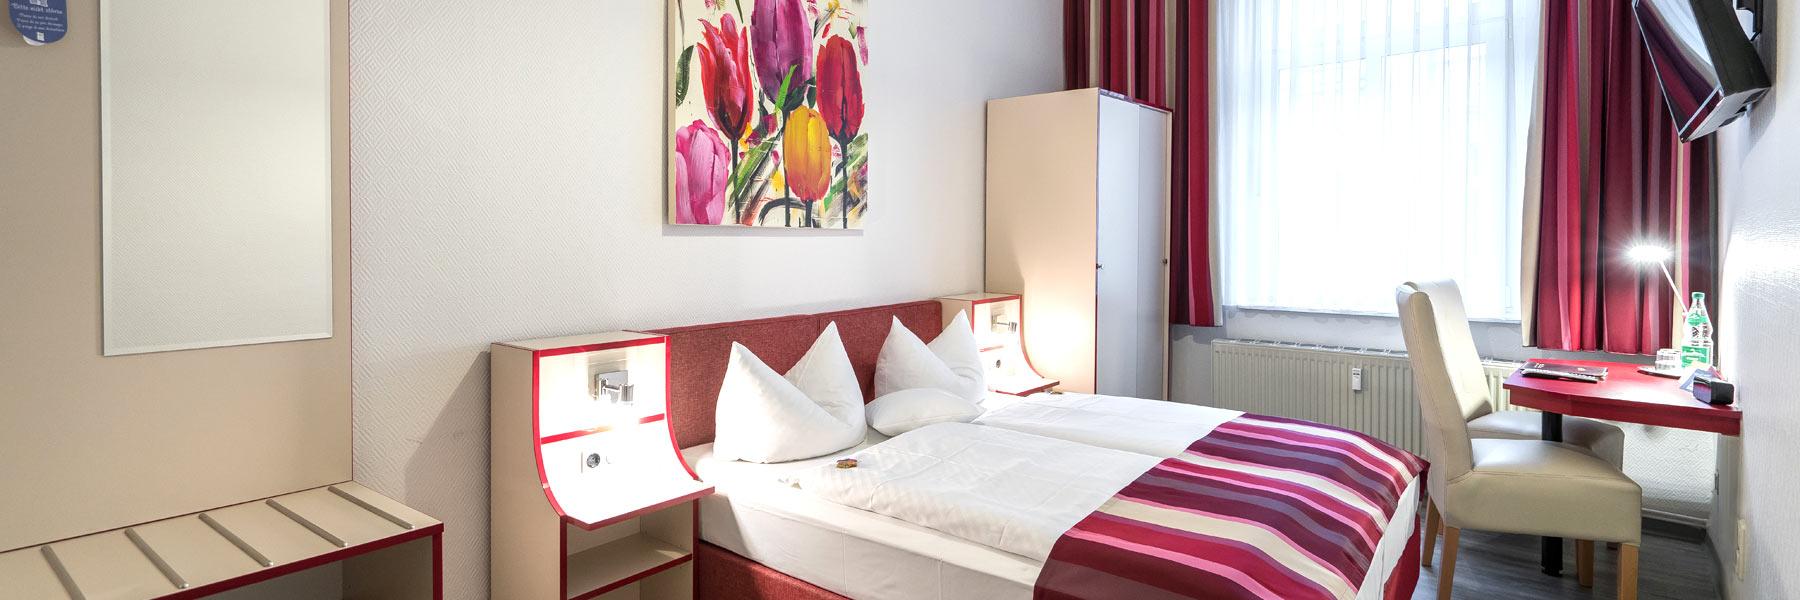 Schlafzimmer - Hotel Stadtkrug